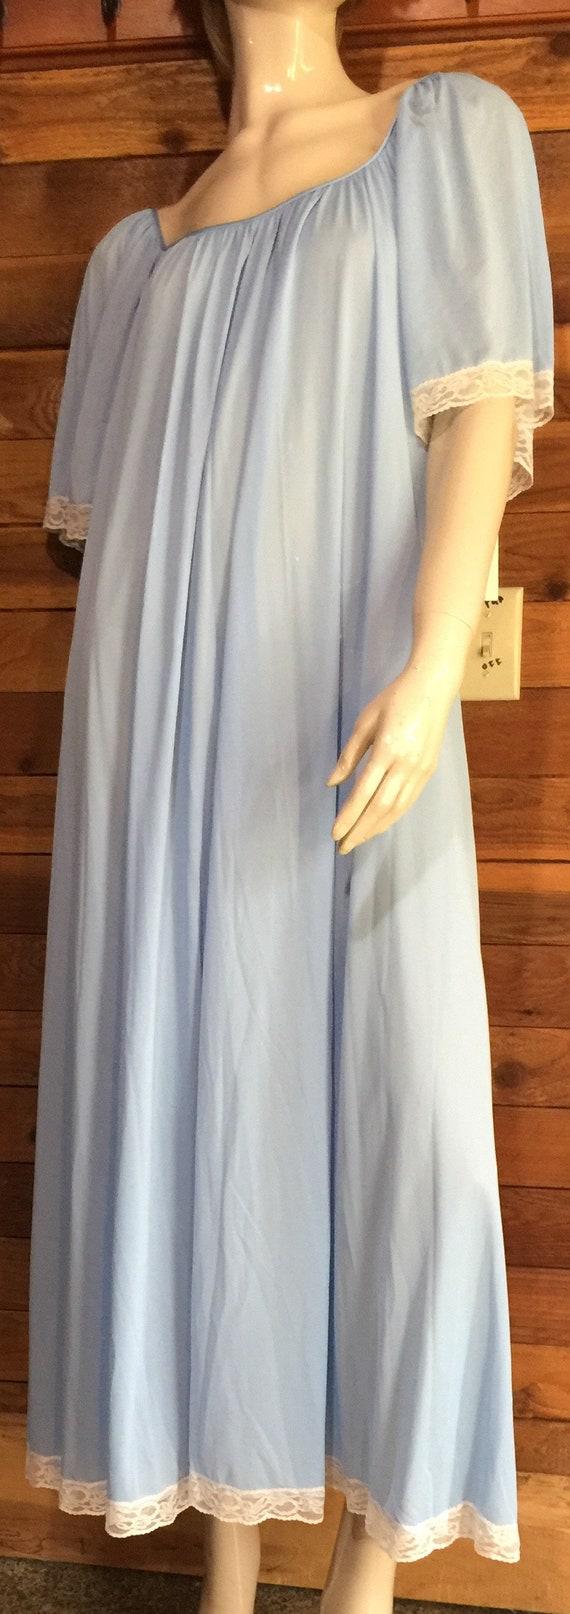 Vintage Lingerie 1970s LUCIE ANN Blue Size Medium… - image 5